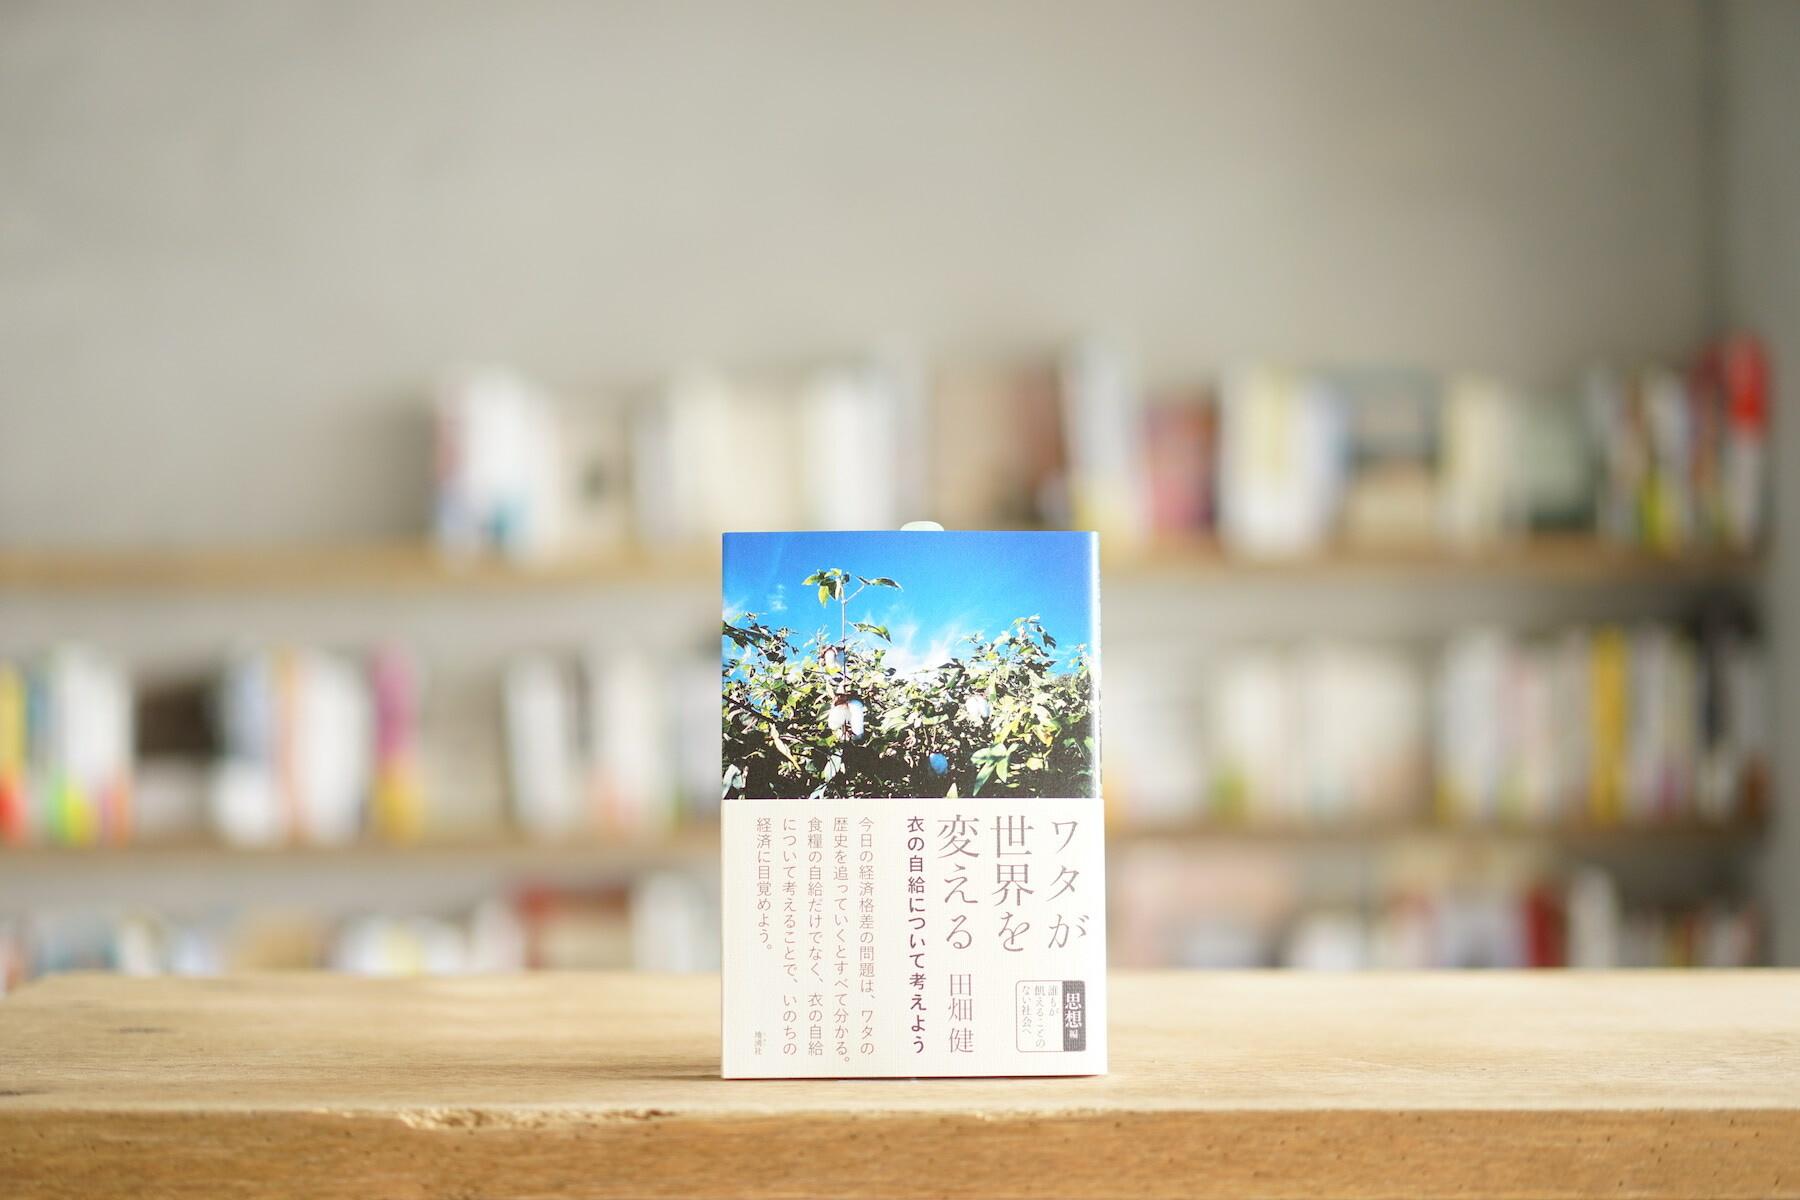 田畑健 『ワタが世界を変える 衣の自給について考えよう』 (地湧社、2015)